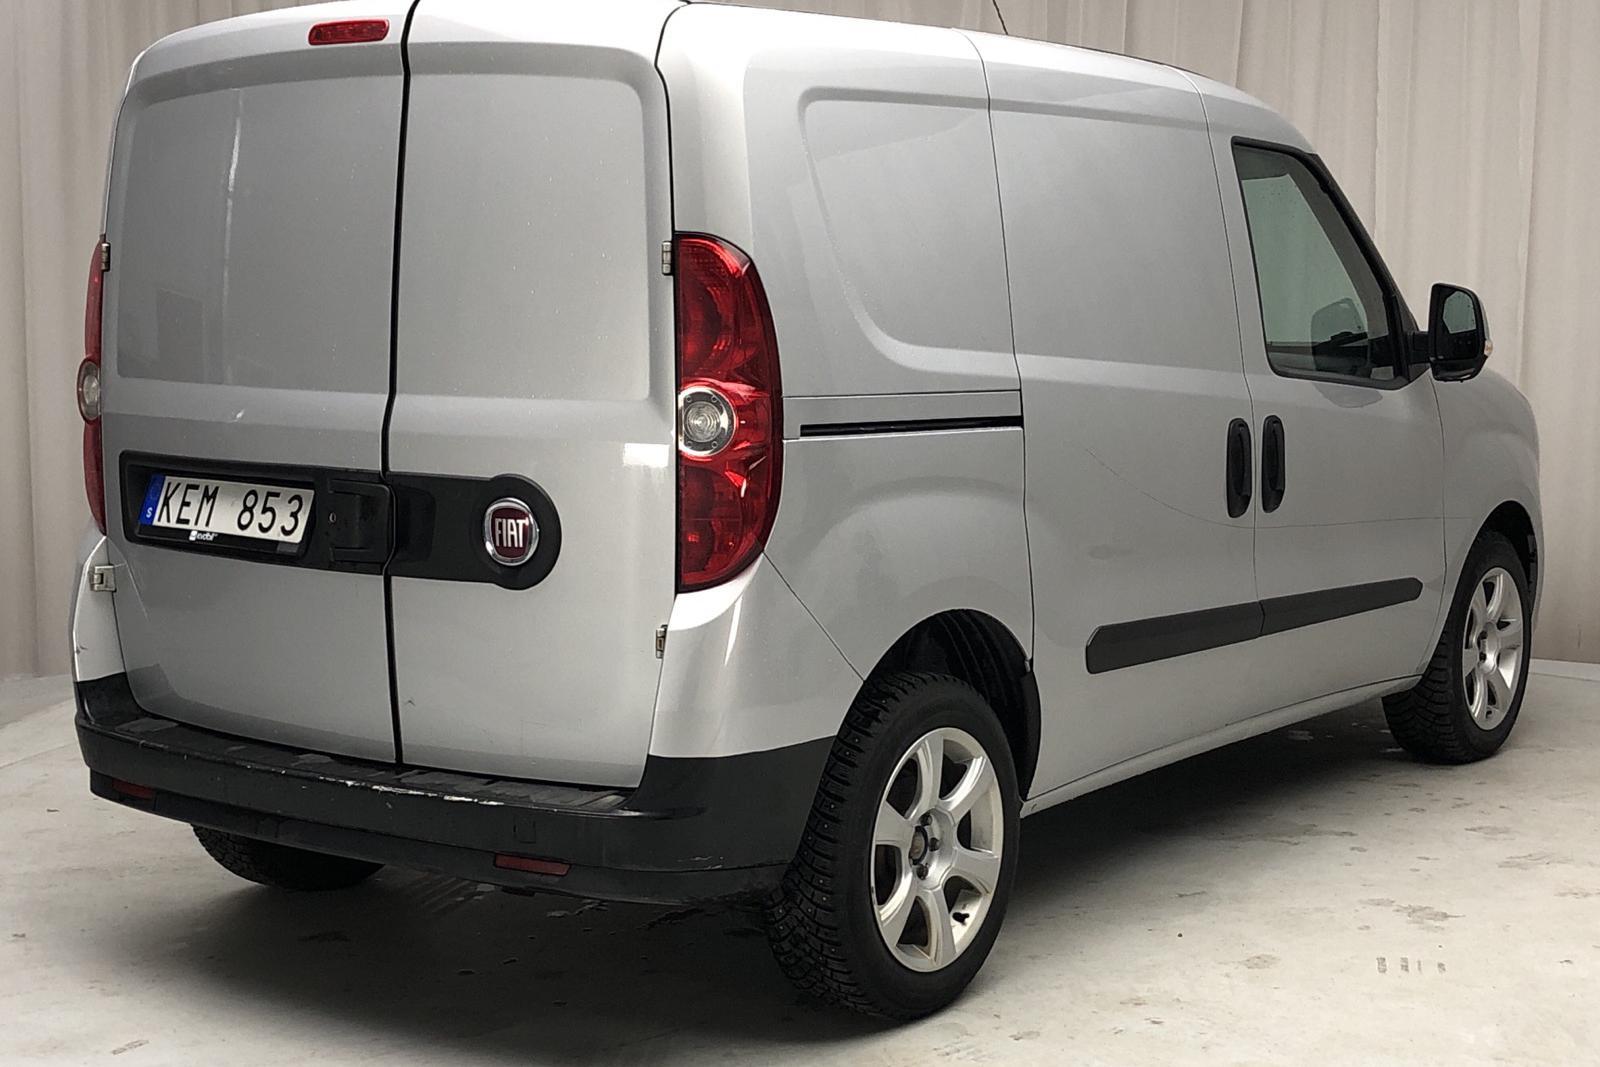 Fiat Doblo Cargo 1.3 Multijet (90hk) - 12 576 mil - Manuell - grå - 2011